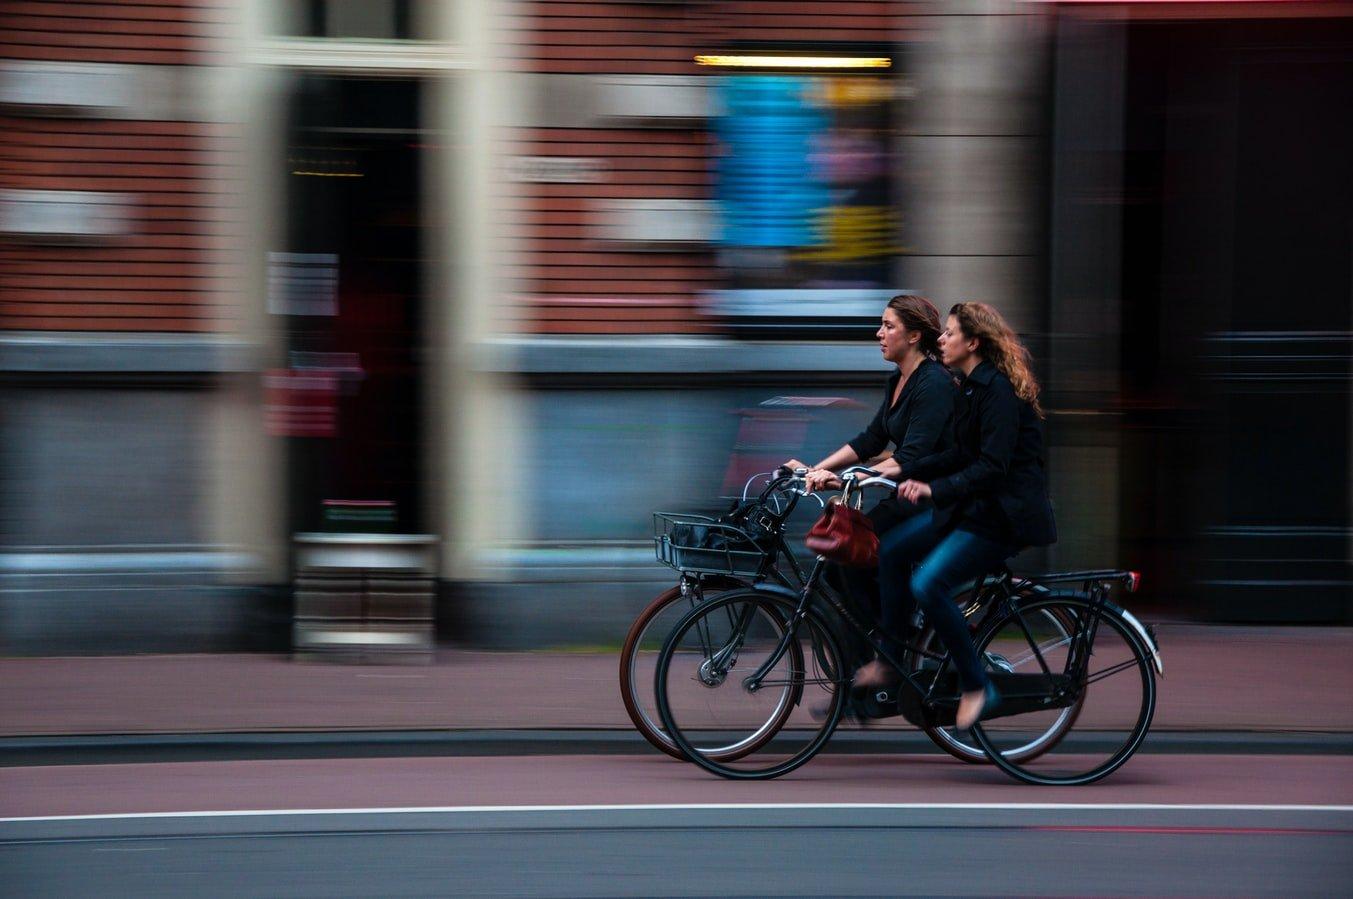 Fahrradfahrerinnen in Leuven Belgien